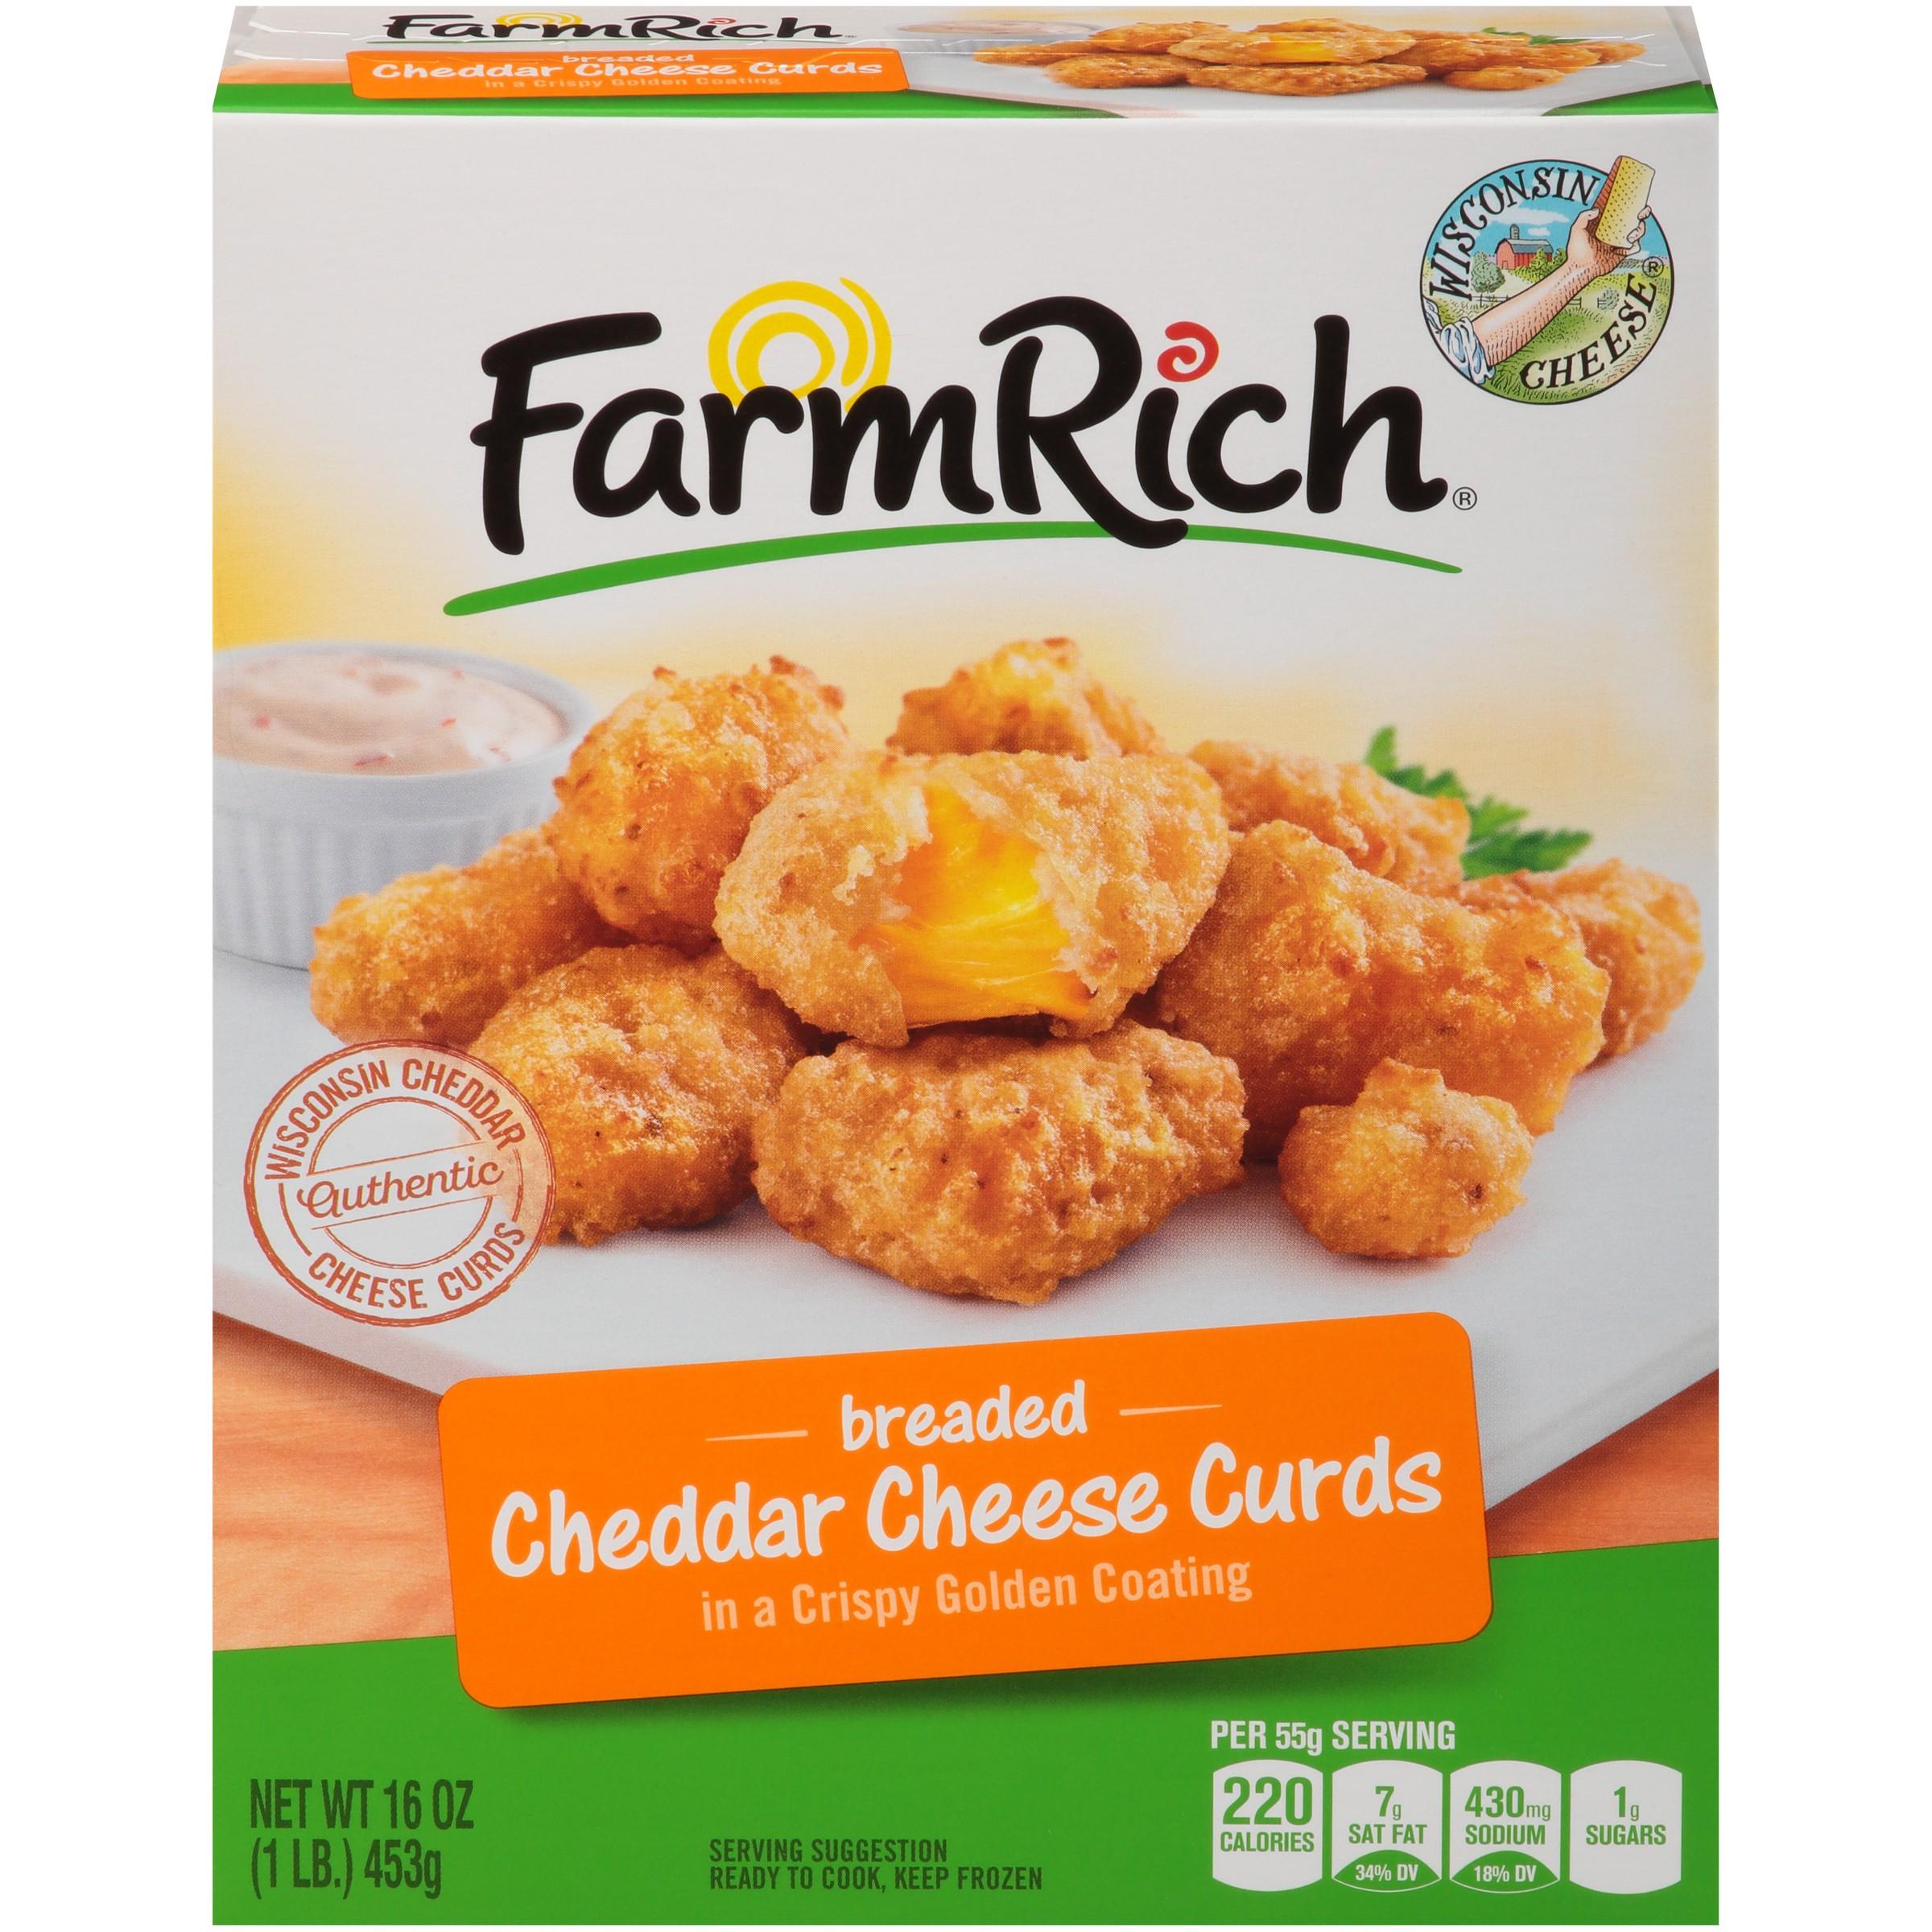 Farm Rich® Breaded Cheddar Cheese Curds 16 oz. Box